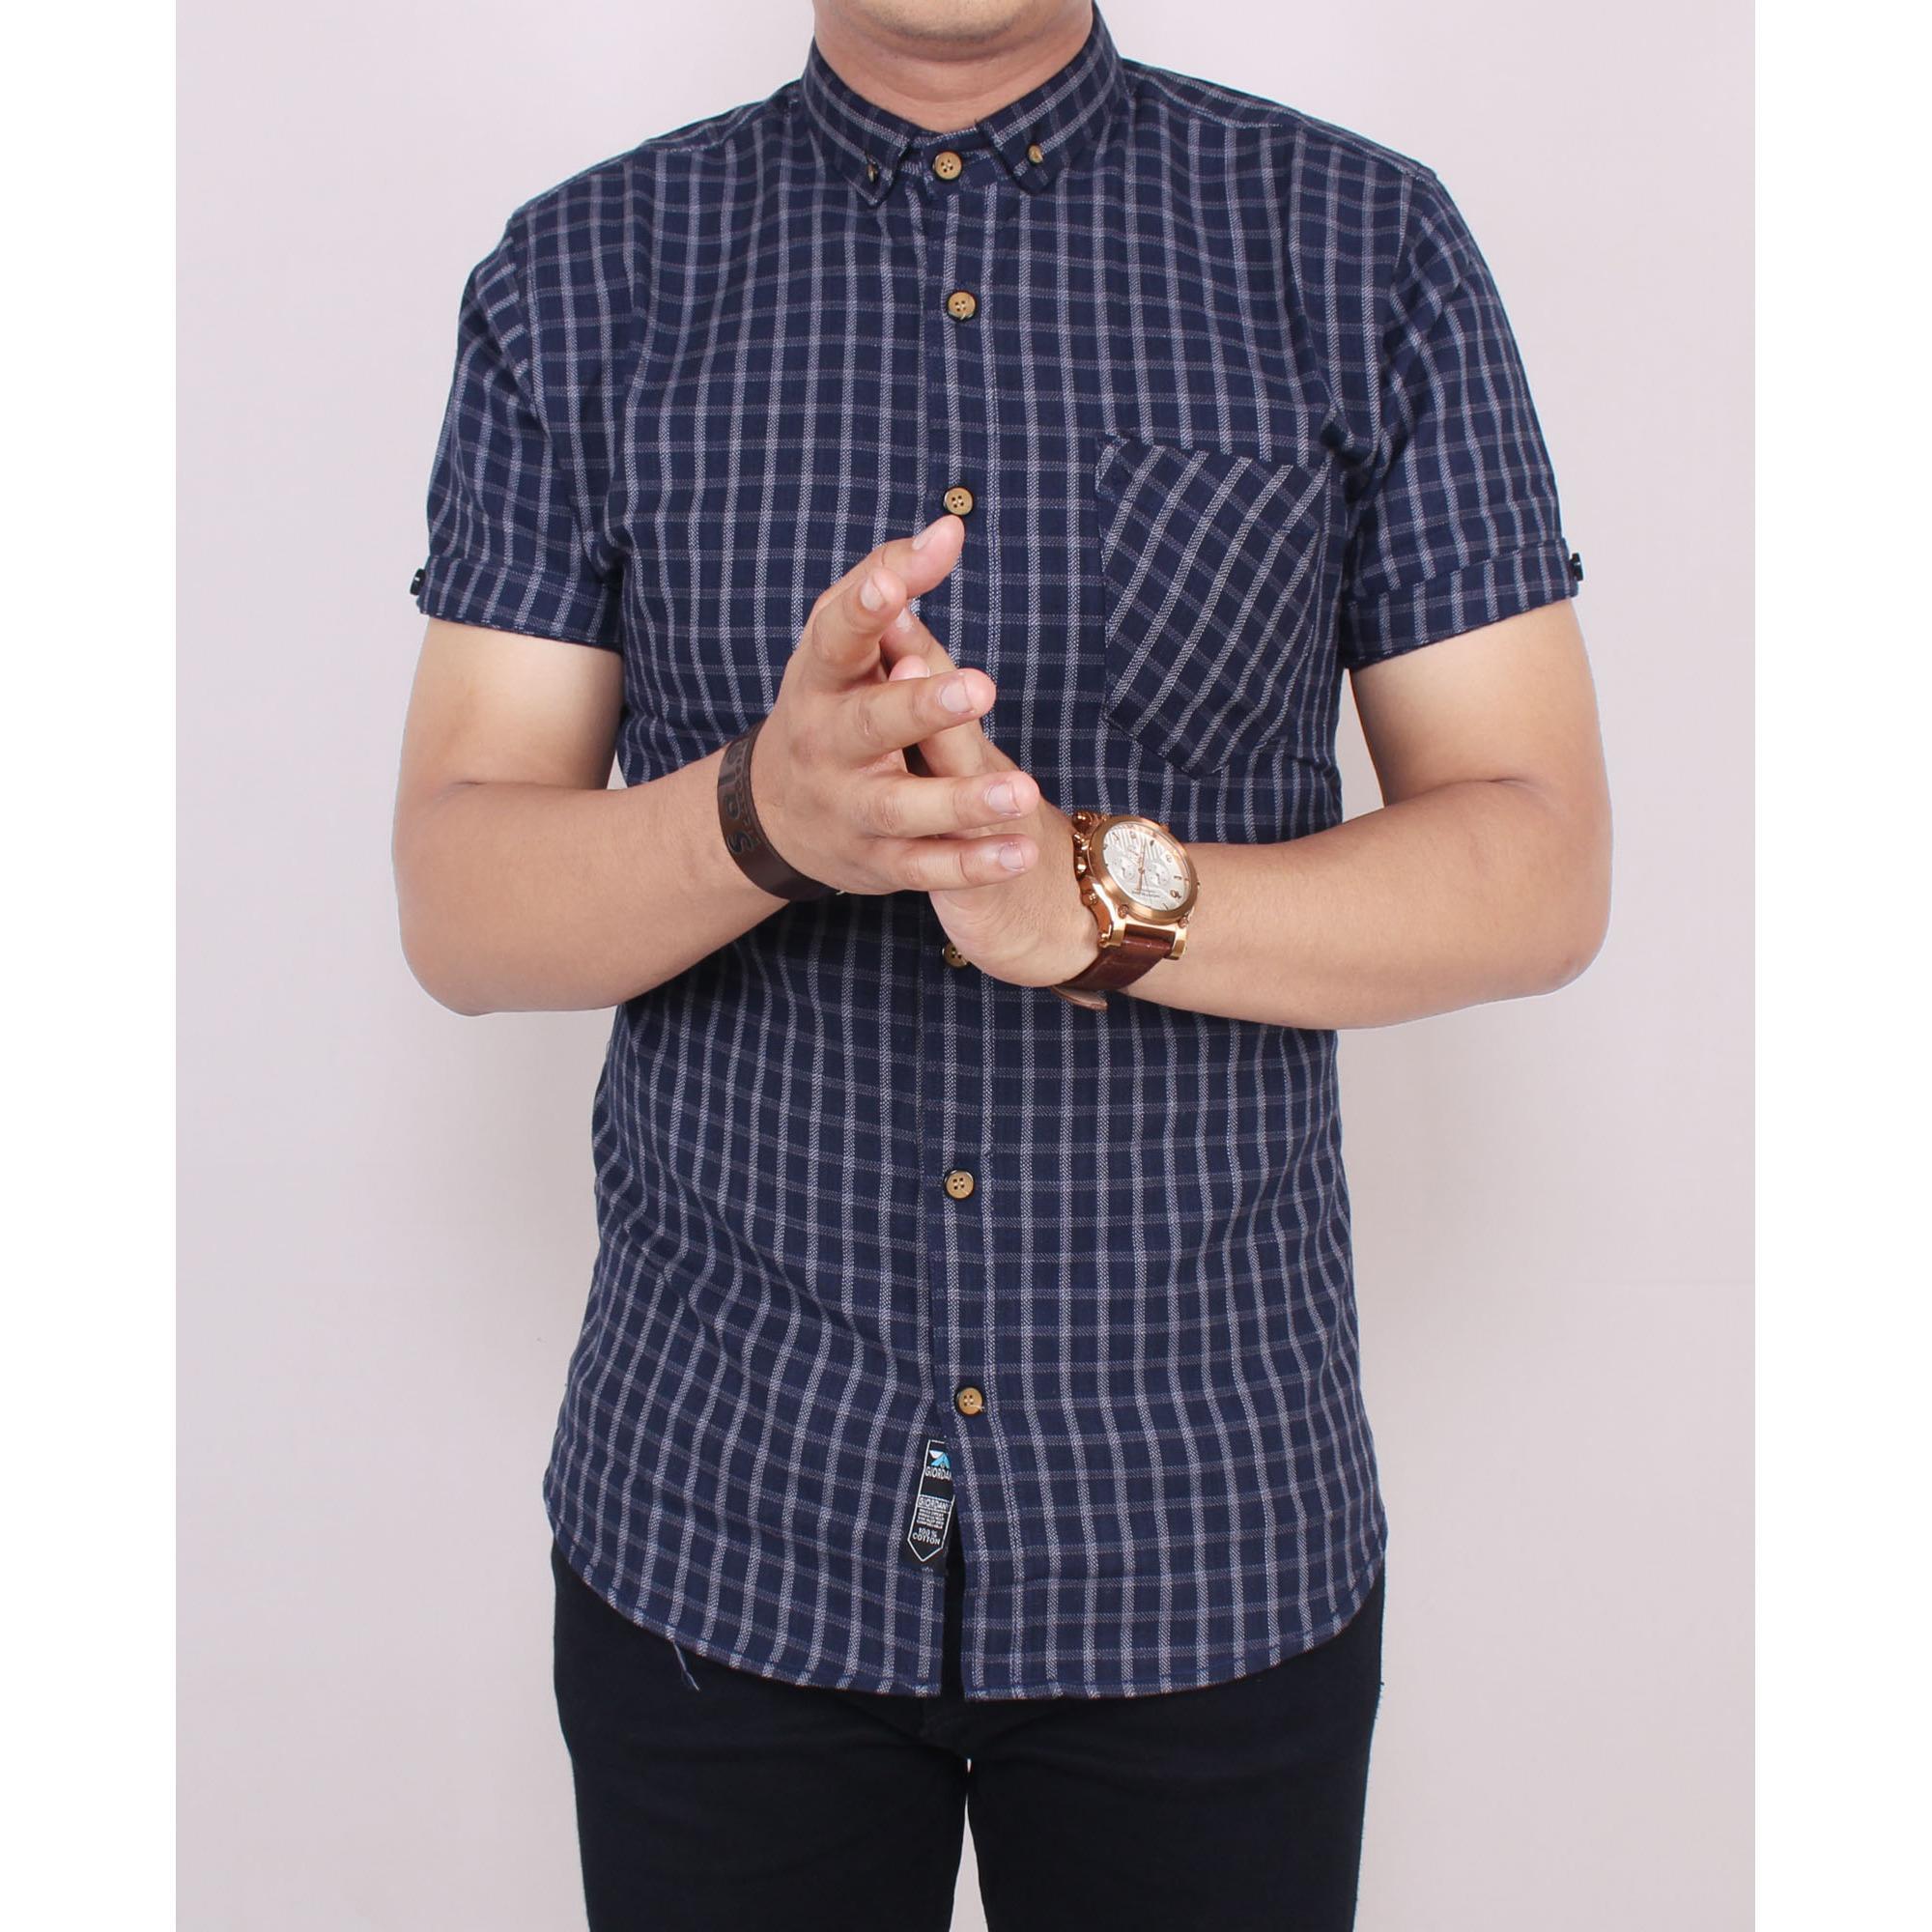 Perbandingan Harga Zoeystore 5516 Kemeja Flanel Pria Lengan Pendek Kotak Navy Baju Kemeja Flannel Cowok Kerja Kantoran Formal Kemeja Di Dki Jakarta